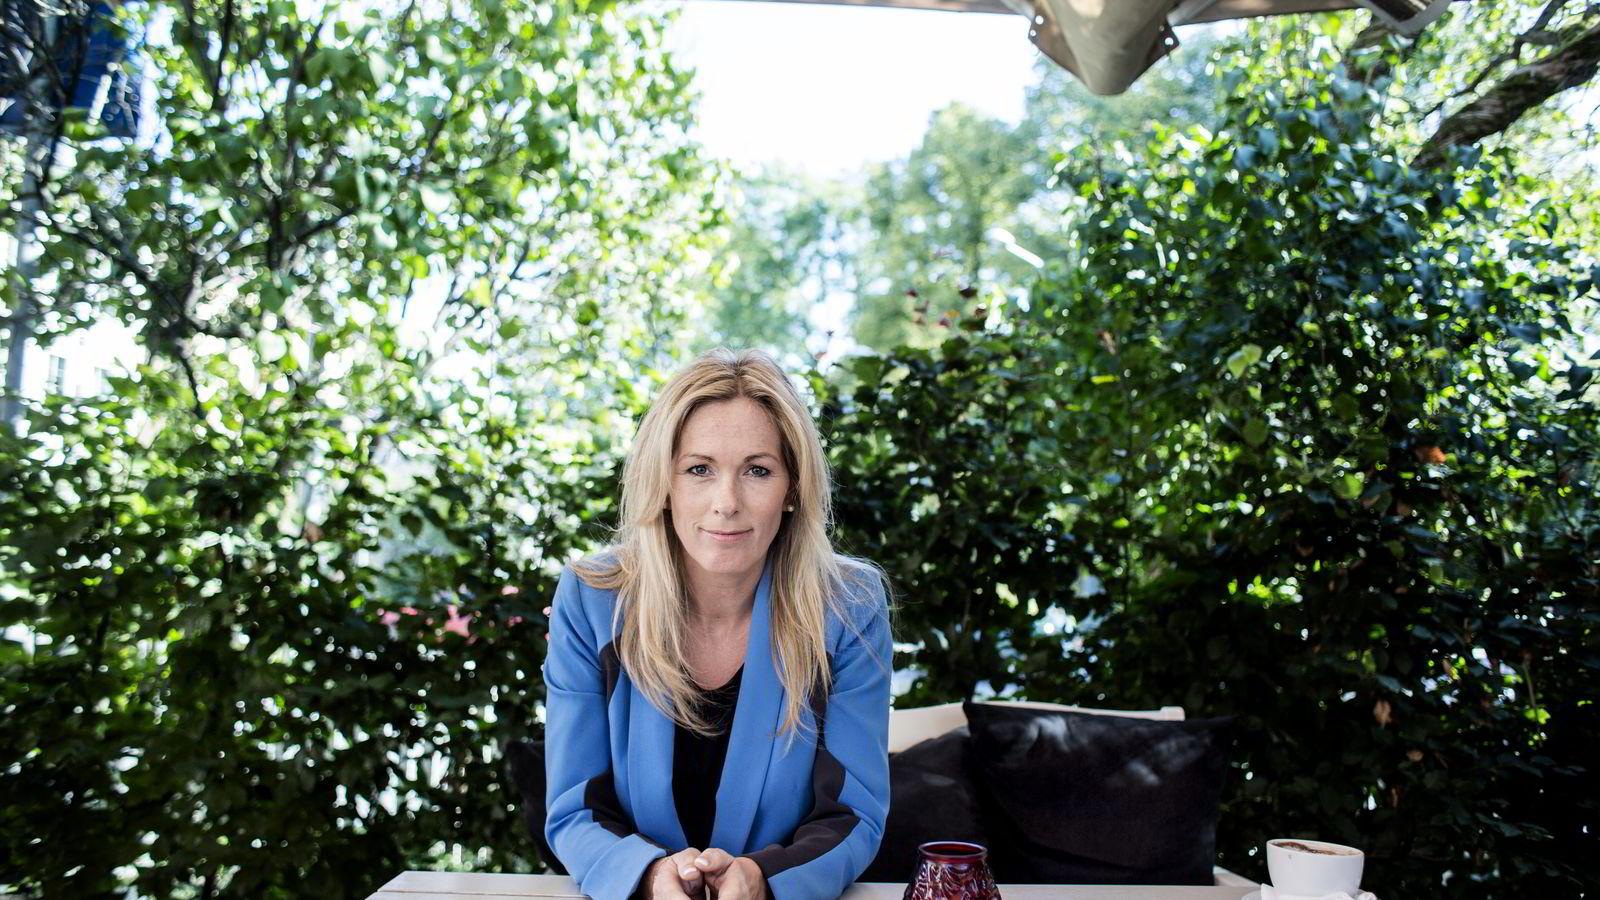 MISFORNØYD. Leder Anita Krohn Traaseth i Innovasjon Norge hevder hun blir utsatt for «drittpakker». Dette tilbakeviser de tillitsvalgte. FOTO: Fredrik Bjerknes